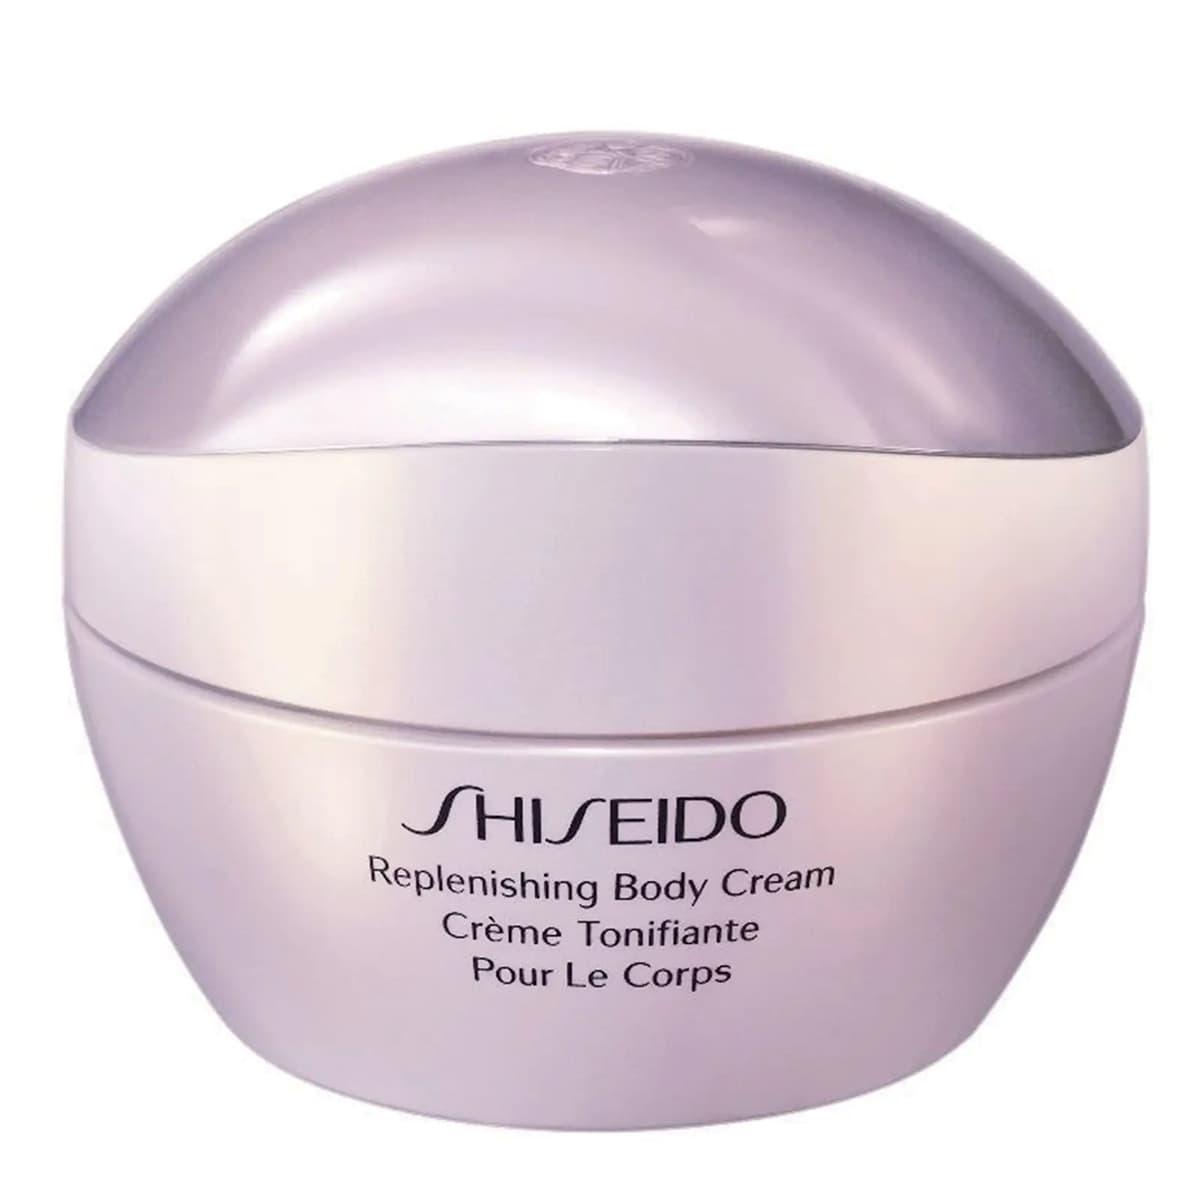 Shiseido - Crème Tonifiante pour le Corps - 200 ml